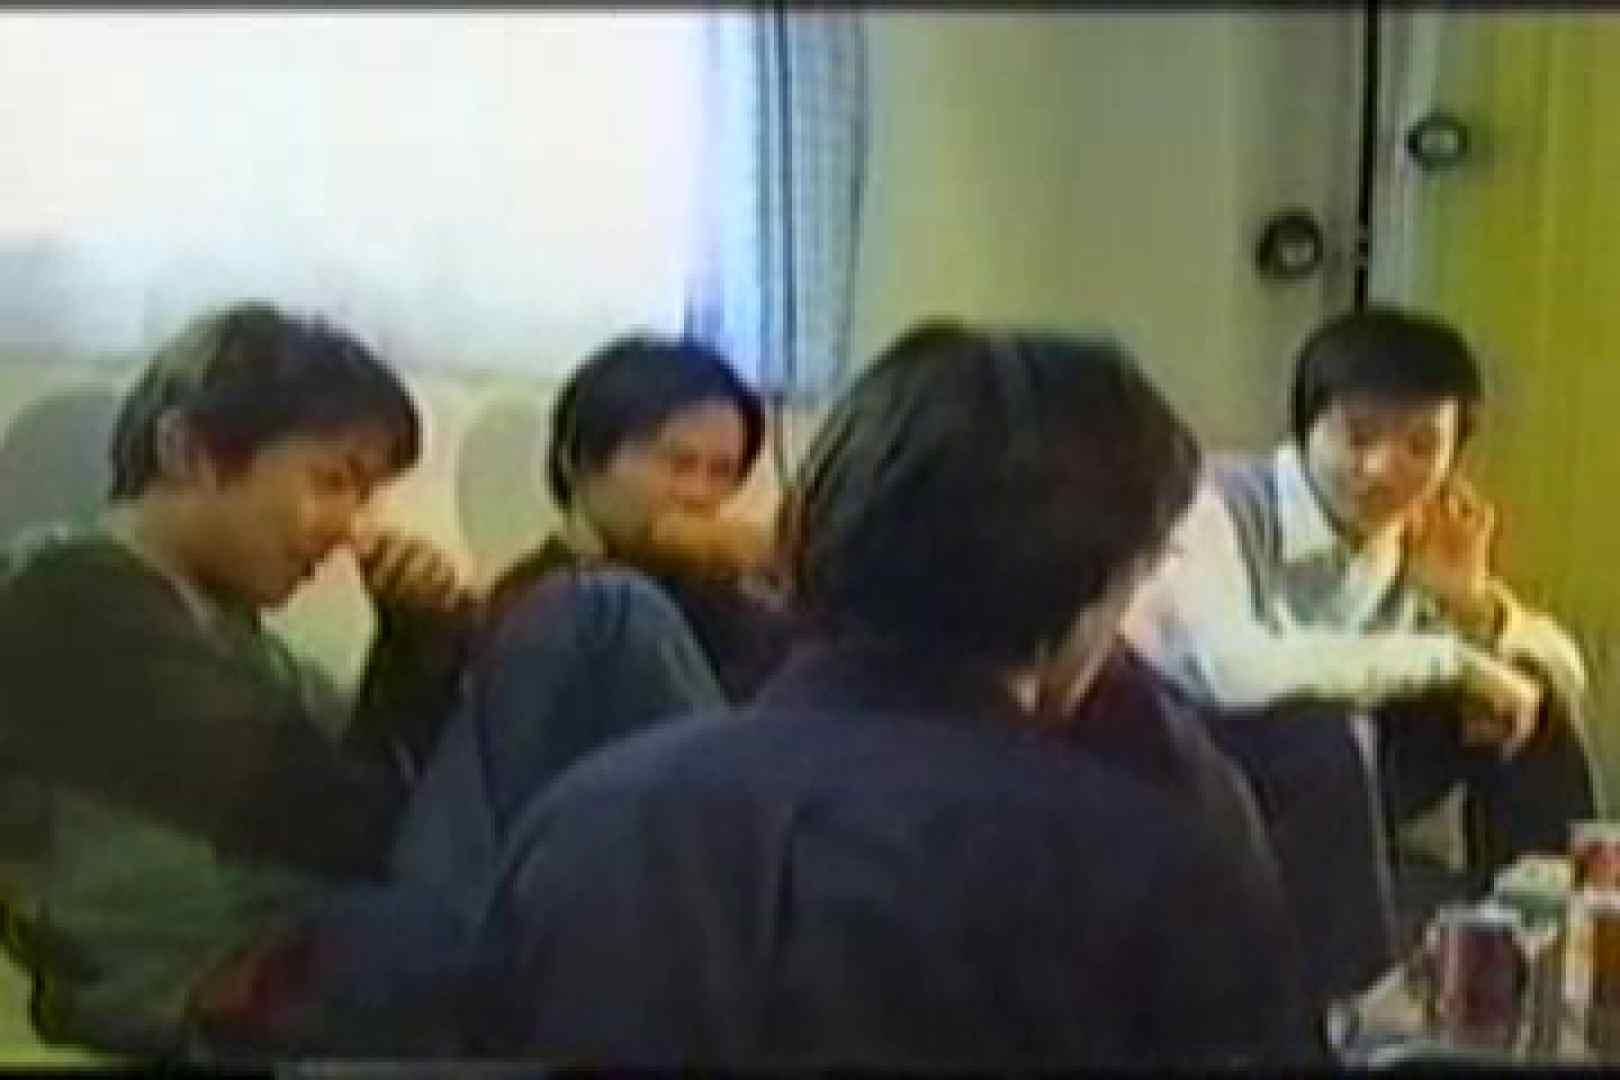 【流出】若者たちの集い 手コキ AV動画 89枚 36